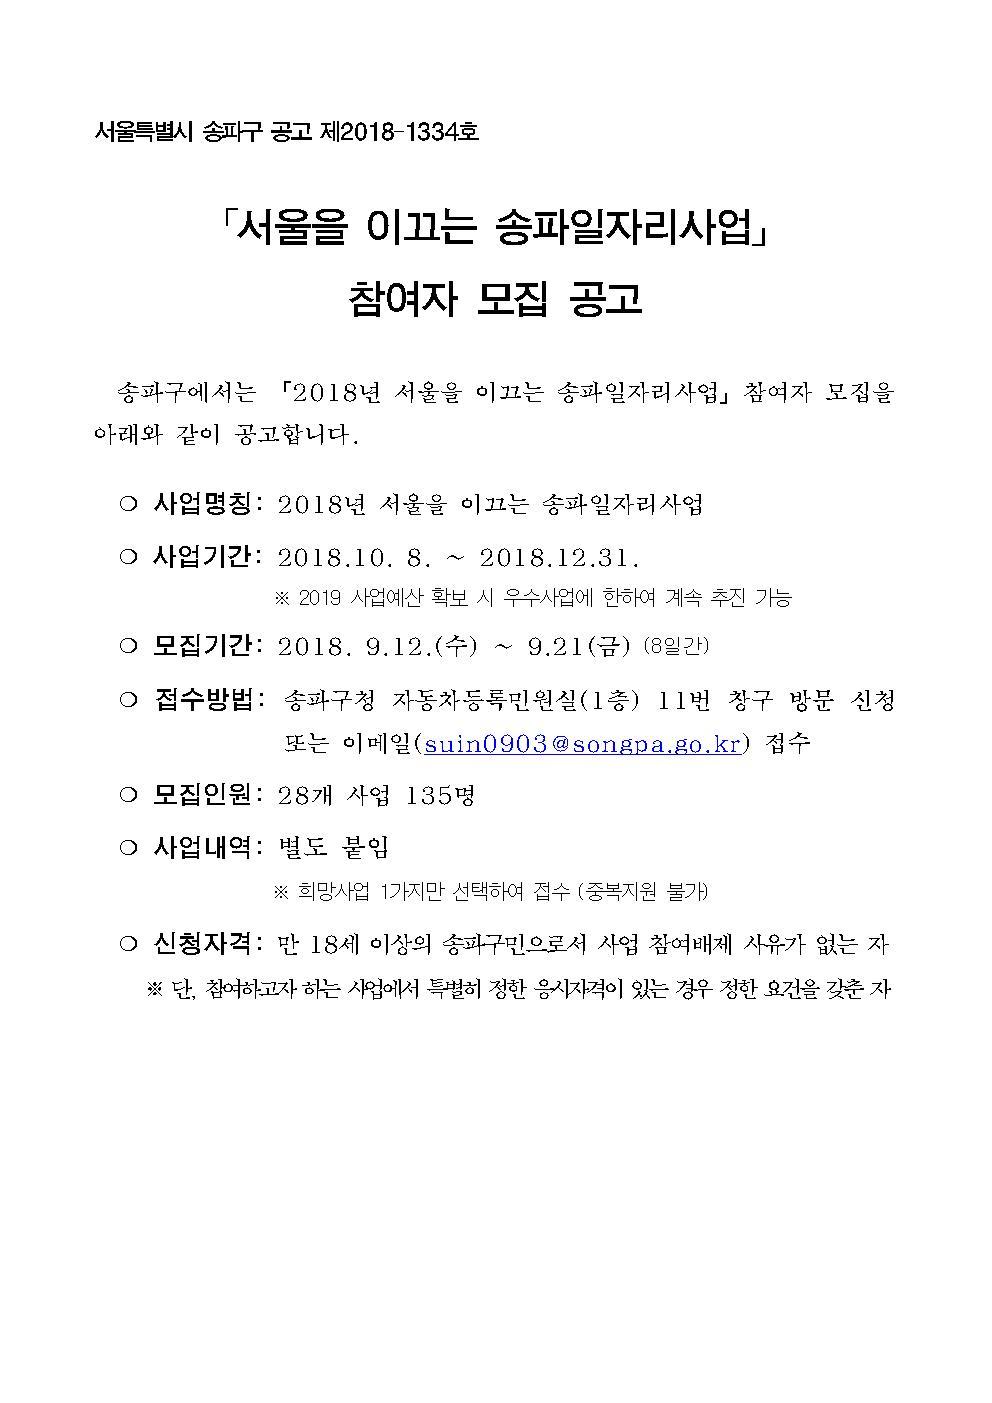 「2018년 서울을 이끄는 송파일자리사업」공고문001.jpg